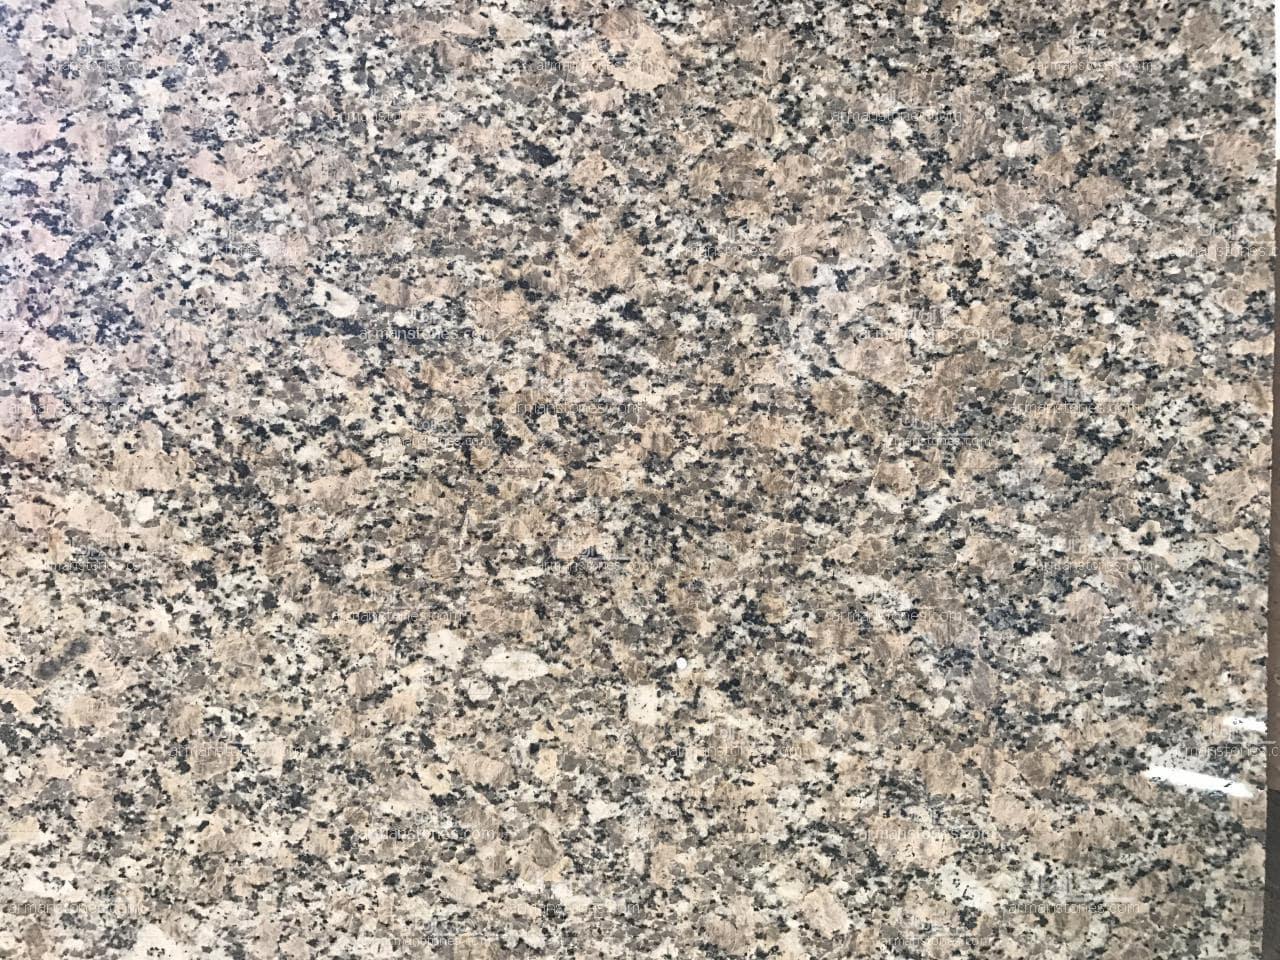 بررسی کامل سنگ گرانیت تایباد هلویی - استوارسازان